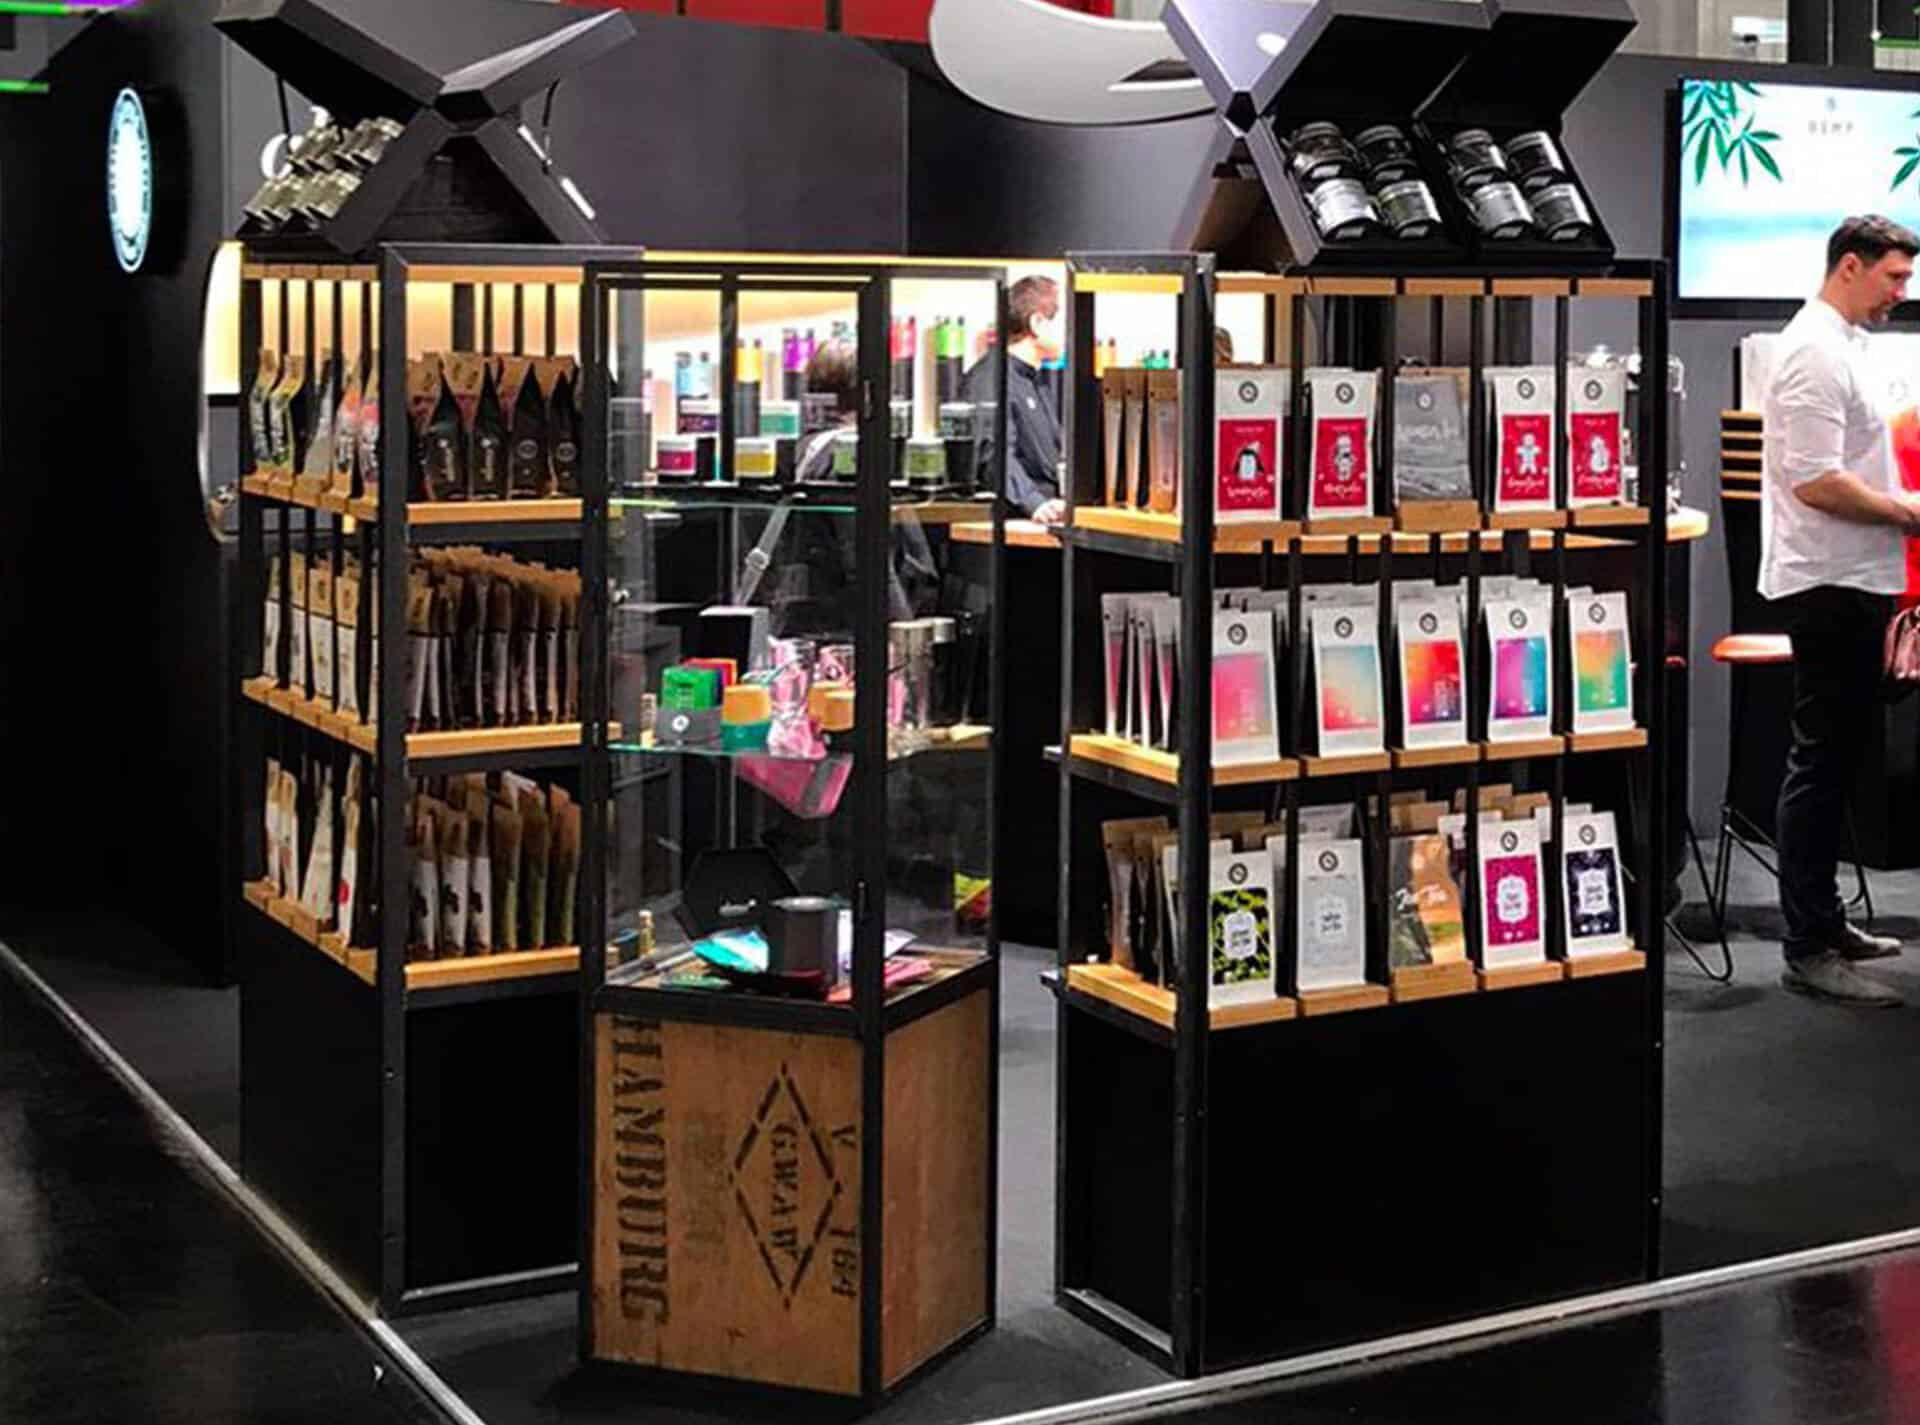 Vitrine aus recycleter Tee-Kiste Stahl und Glas als Serienprodukt für Tee-Geschäfte von alveus weltweit designed von Lange Architekten